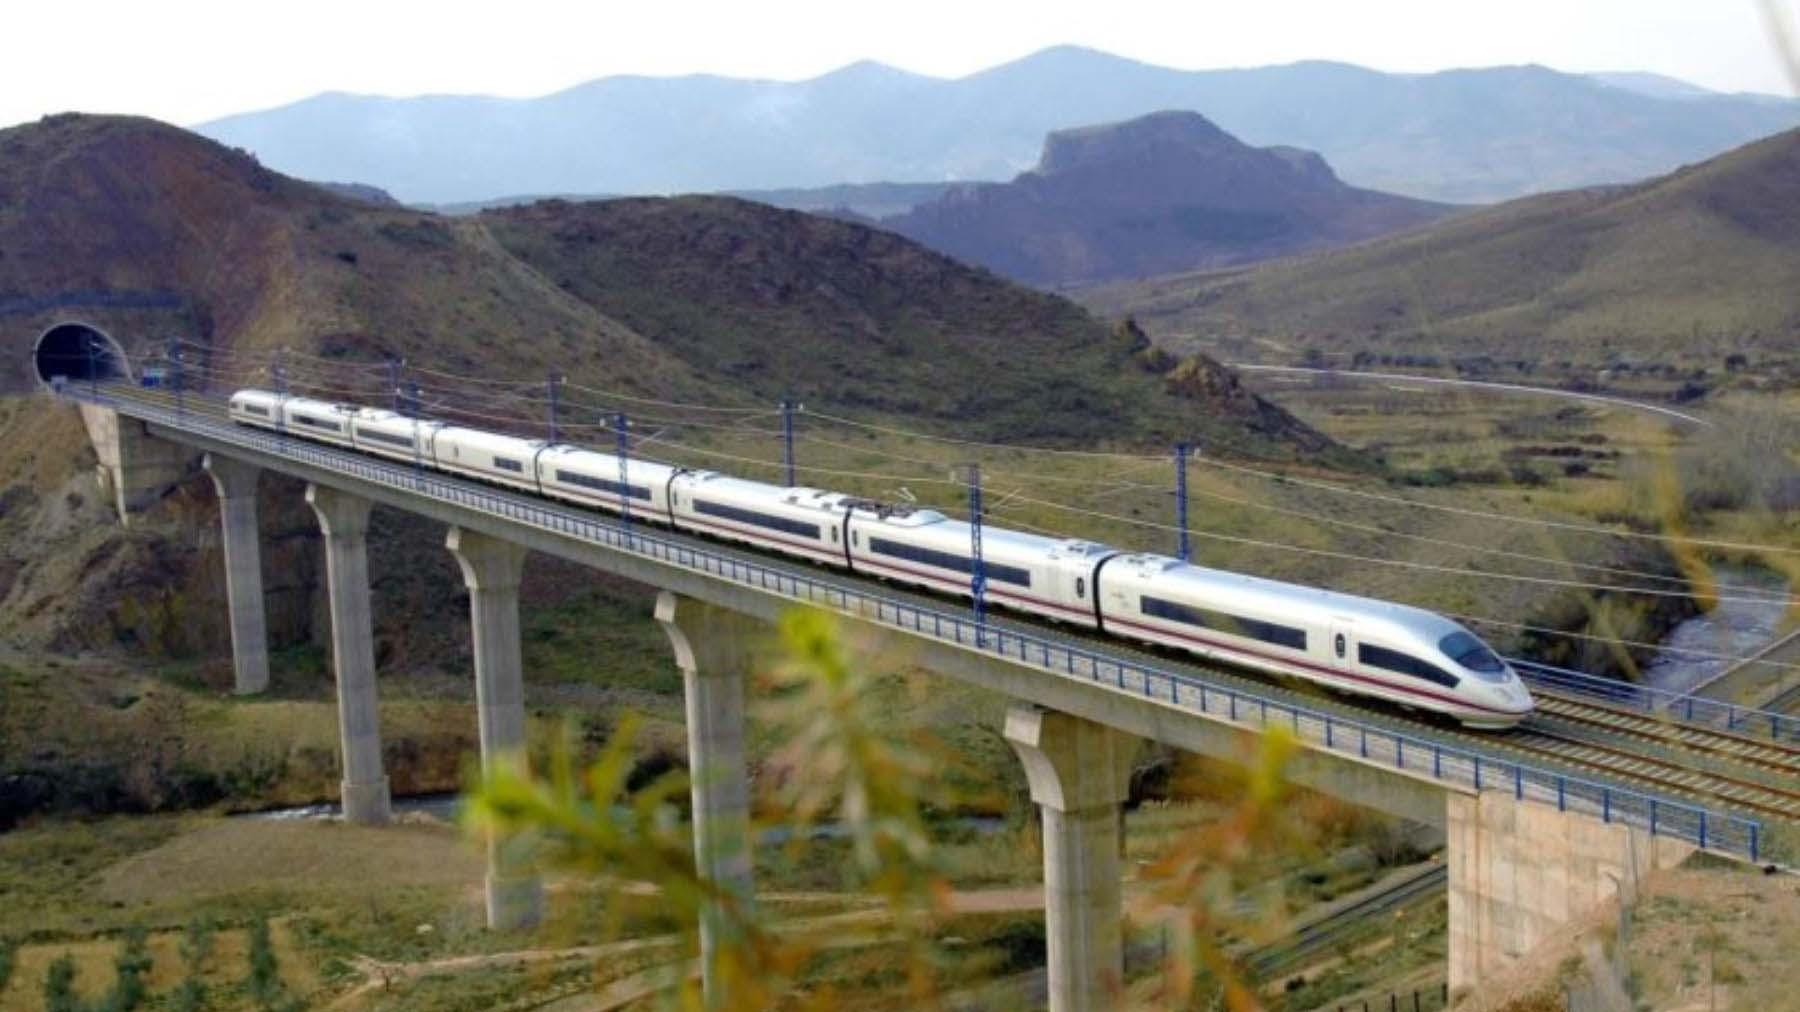 El proyecto, presentado en marzo de este año, cuenta con el respaldo de los gobiernos de Perú, Bolivia, Brasil, Paraguay y Uruguay